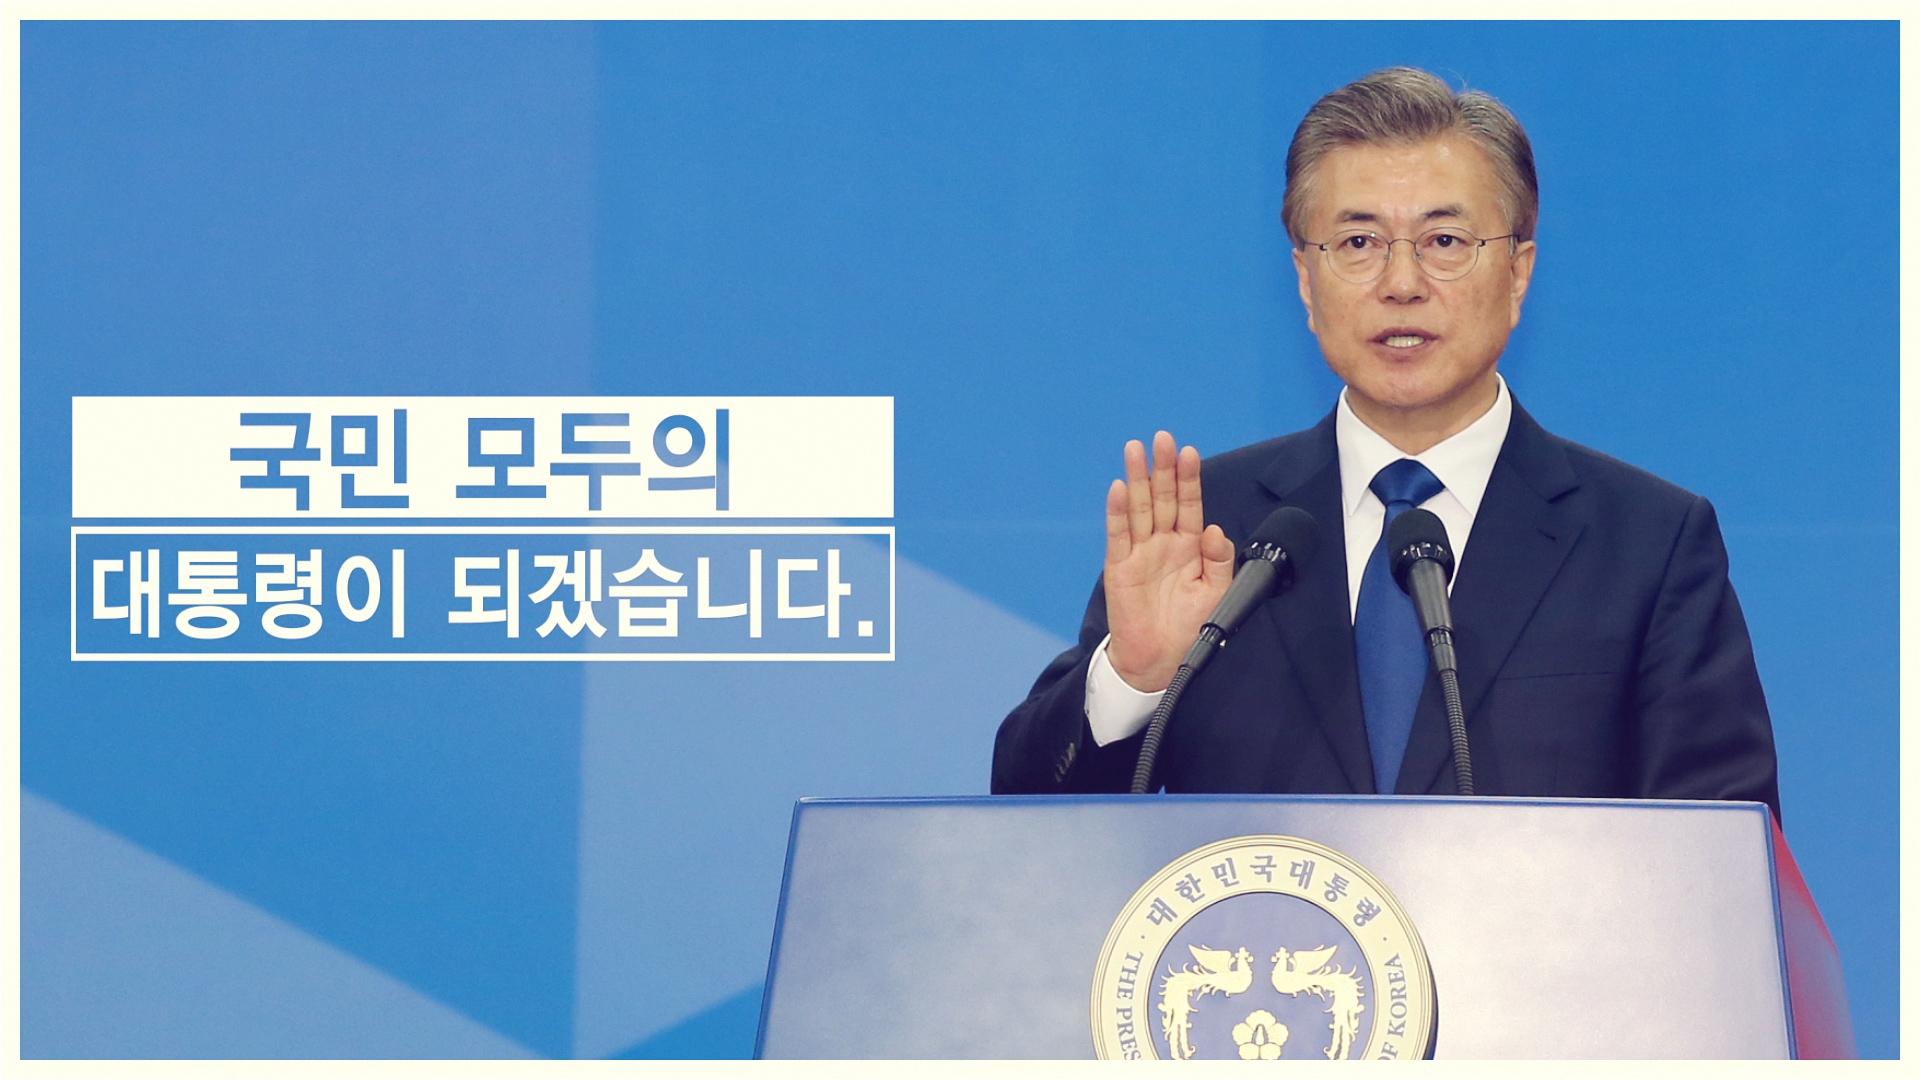 문재인 대통령 취임식